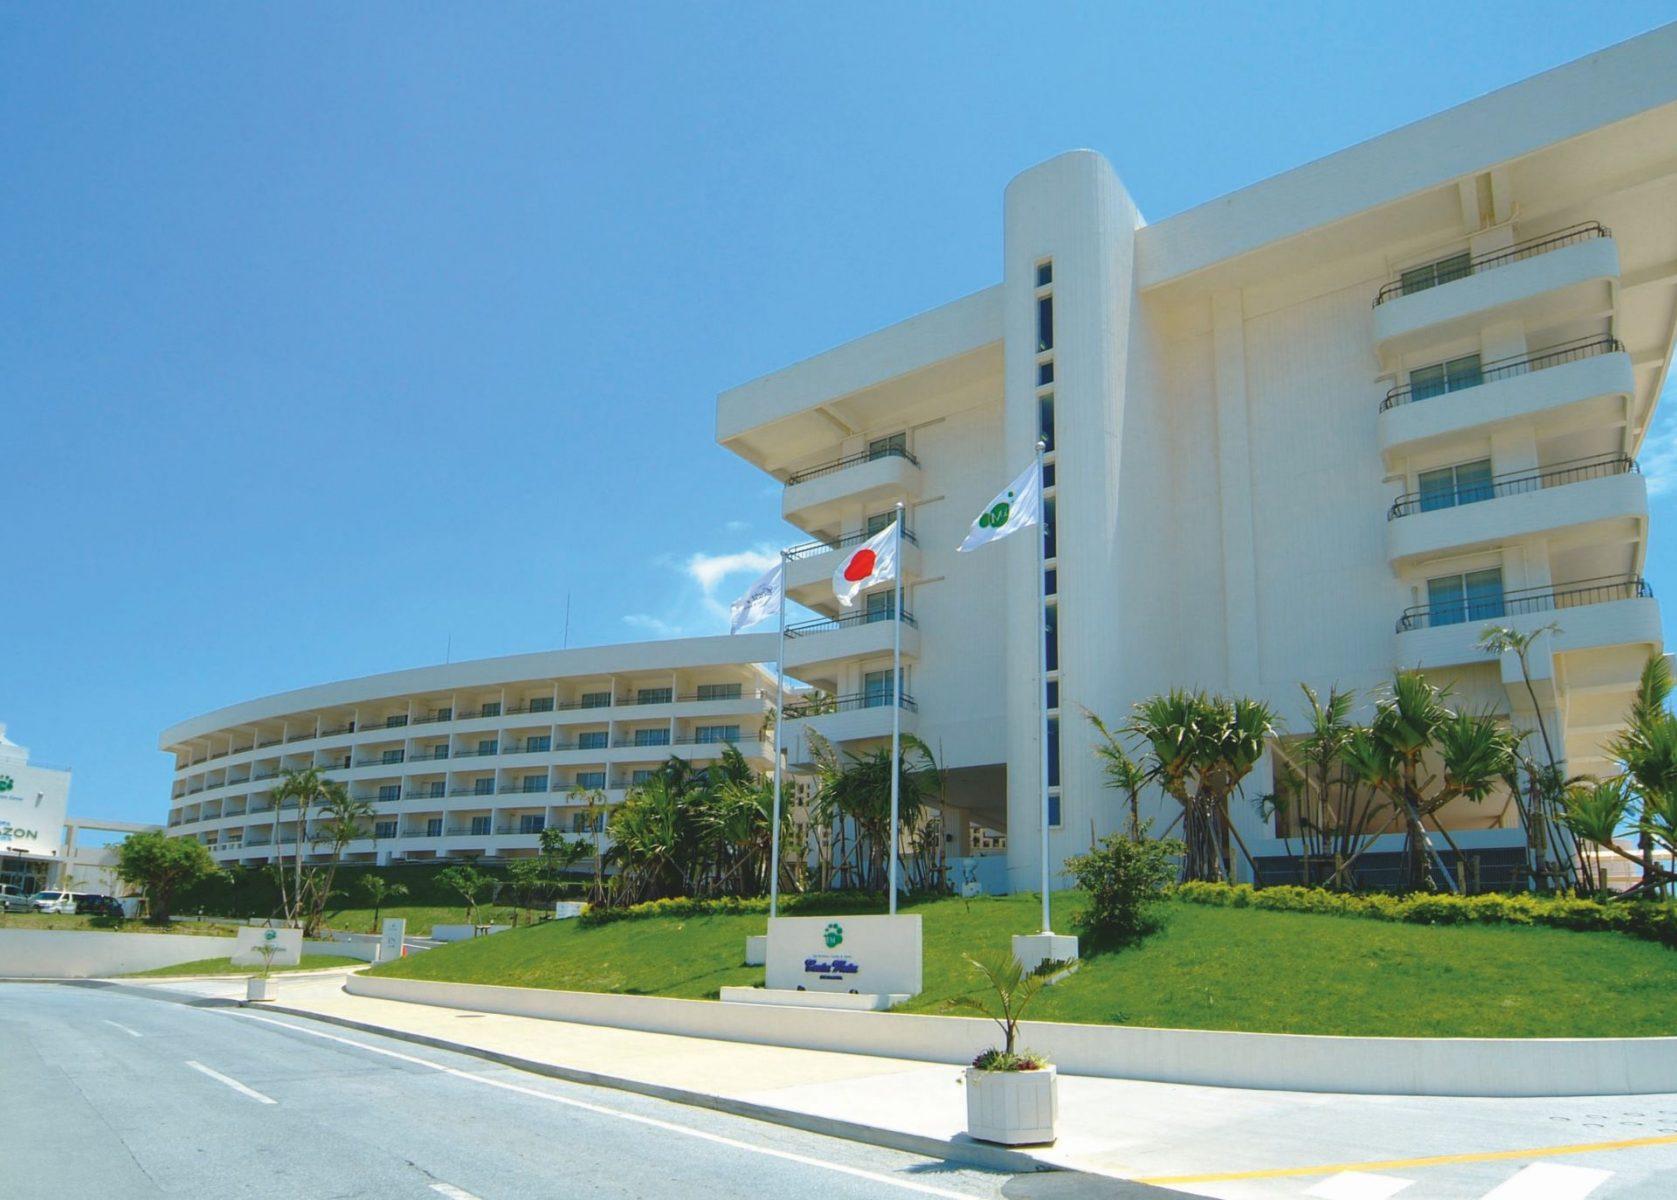 Nach 13 Jahren Leerstand wieder auferstanden – heute Wellness-Hotel und Zentrale der weltweiten EM-Aktivitäten.